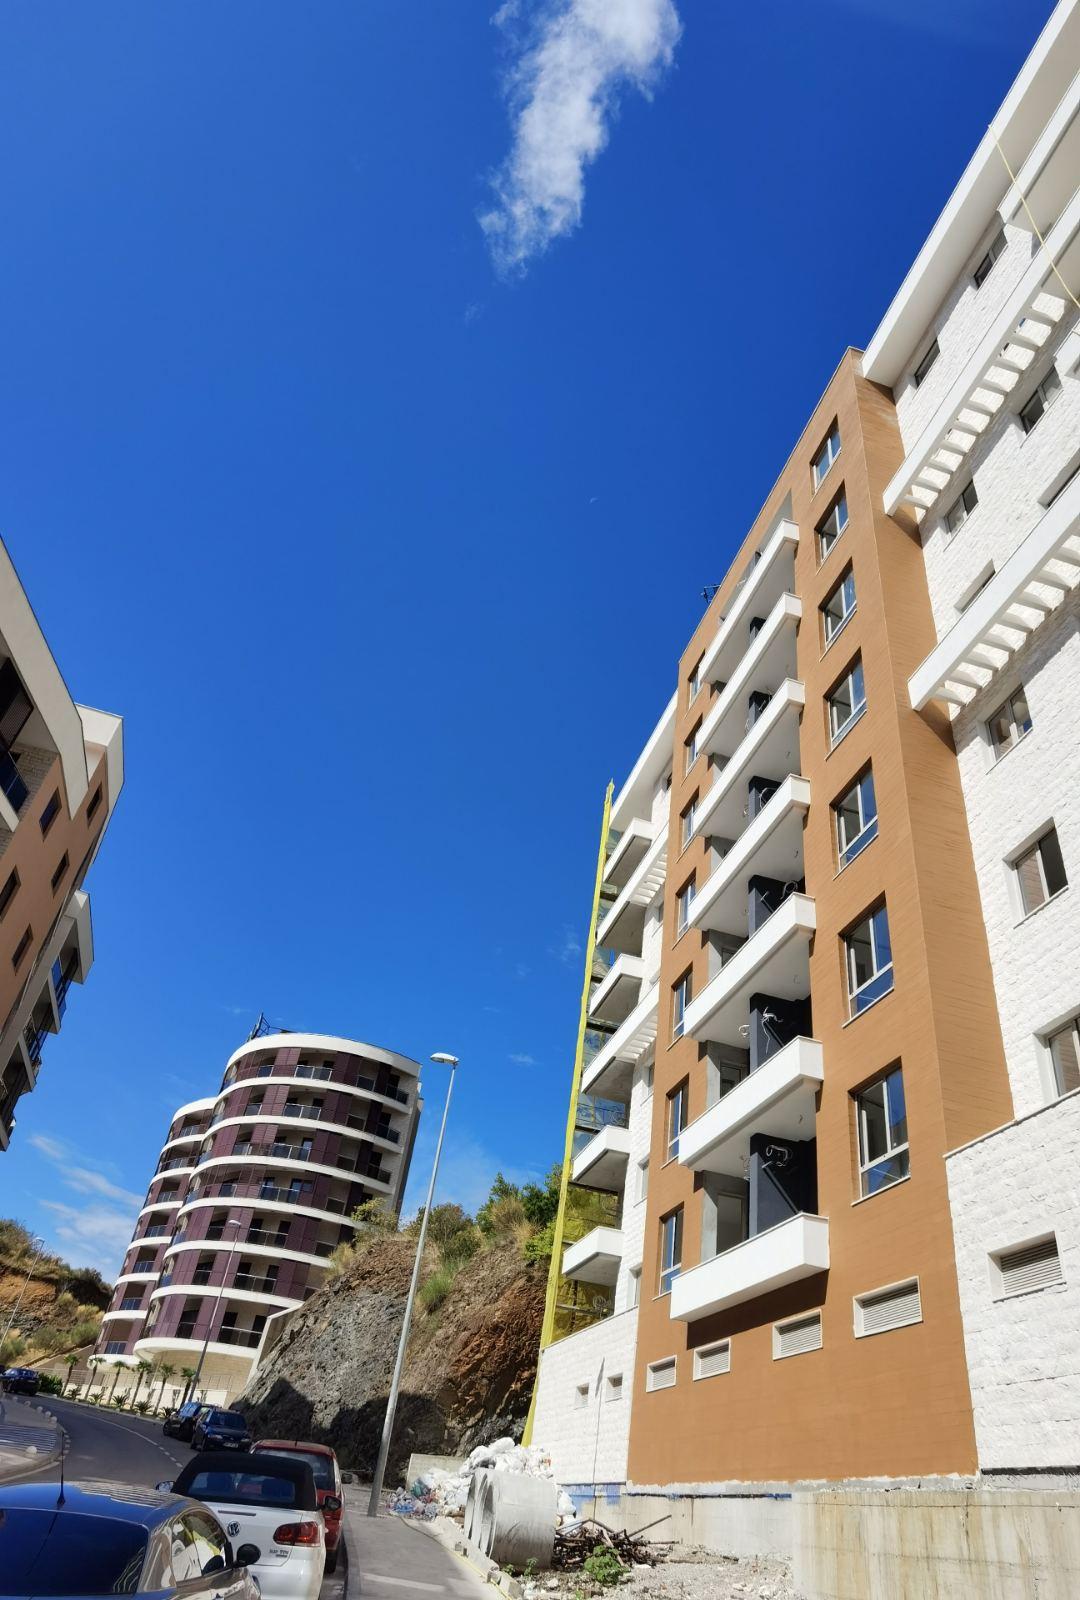 amforaproperty.com/Studio apartman sa pogledom na more  29m2, 300m od plaže, Bečići. Novogradnja.